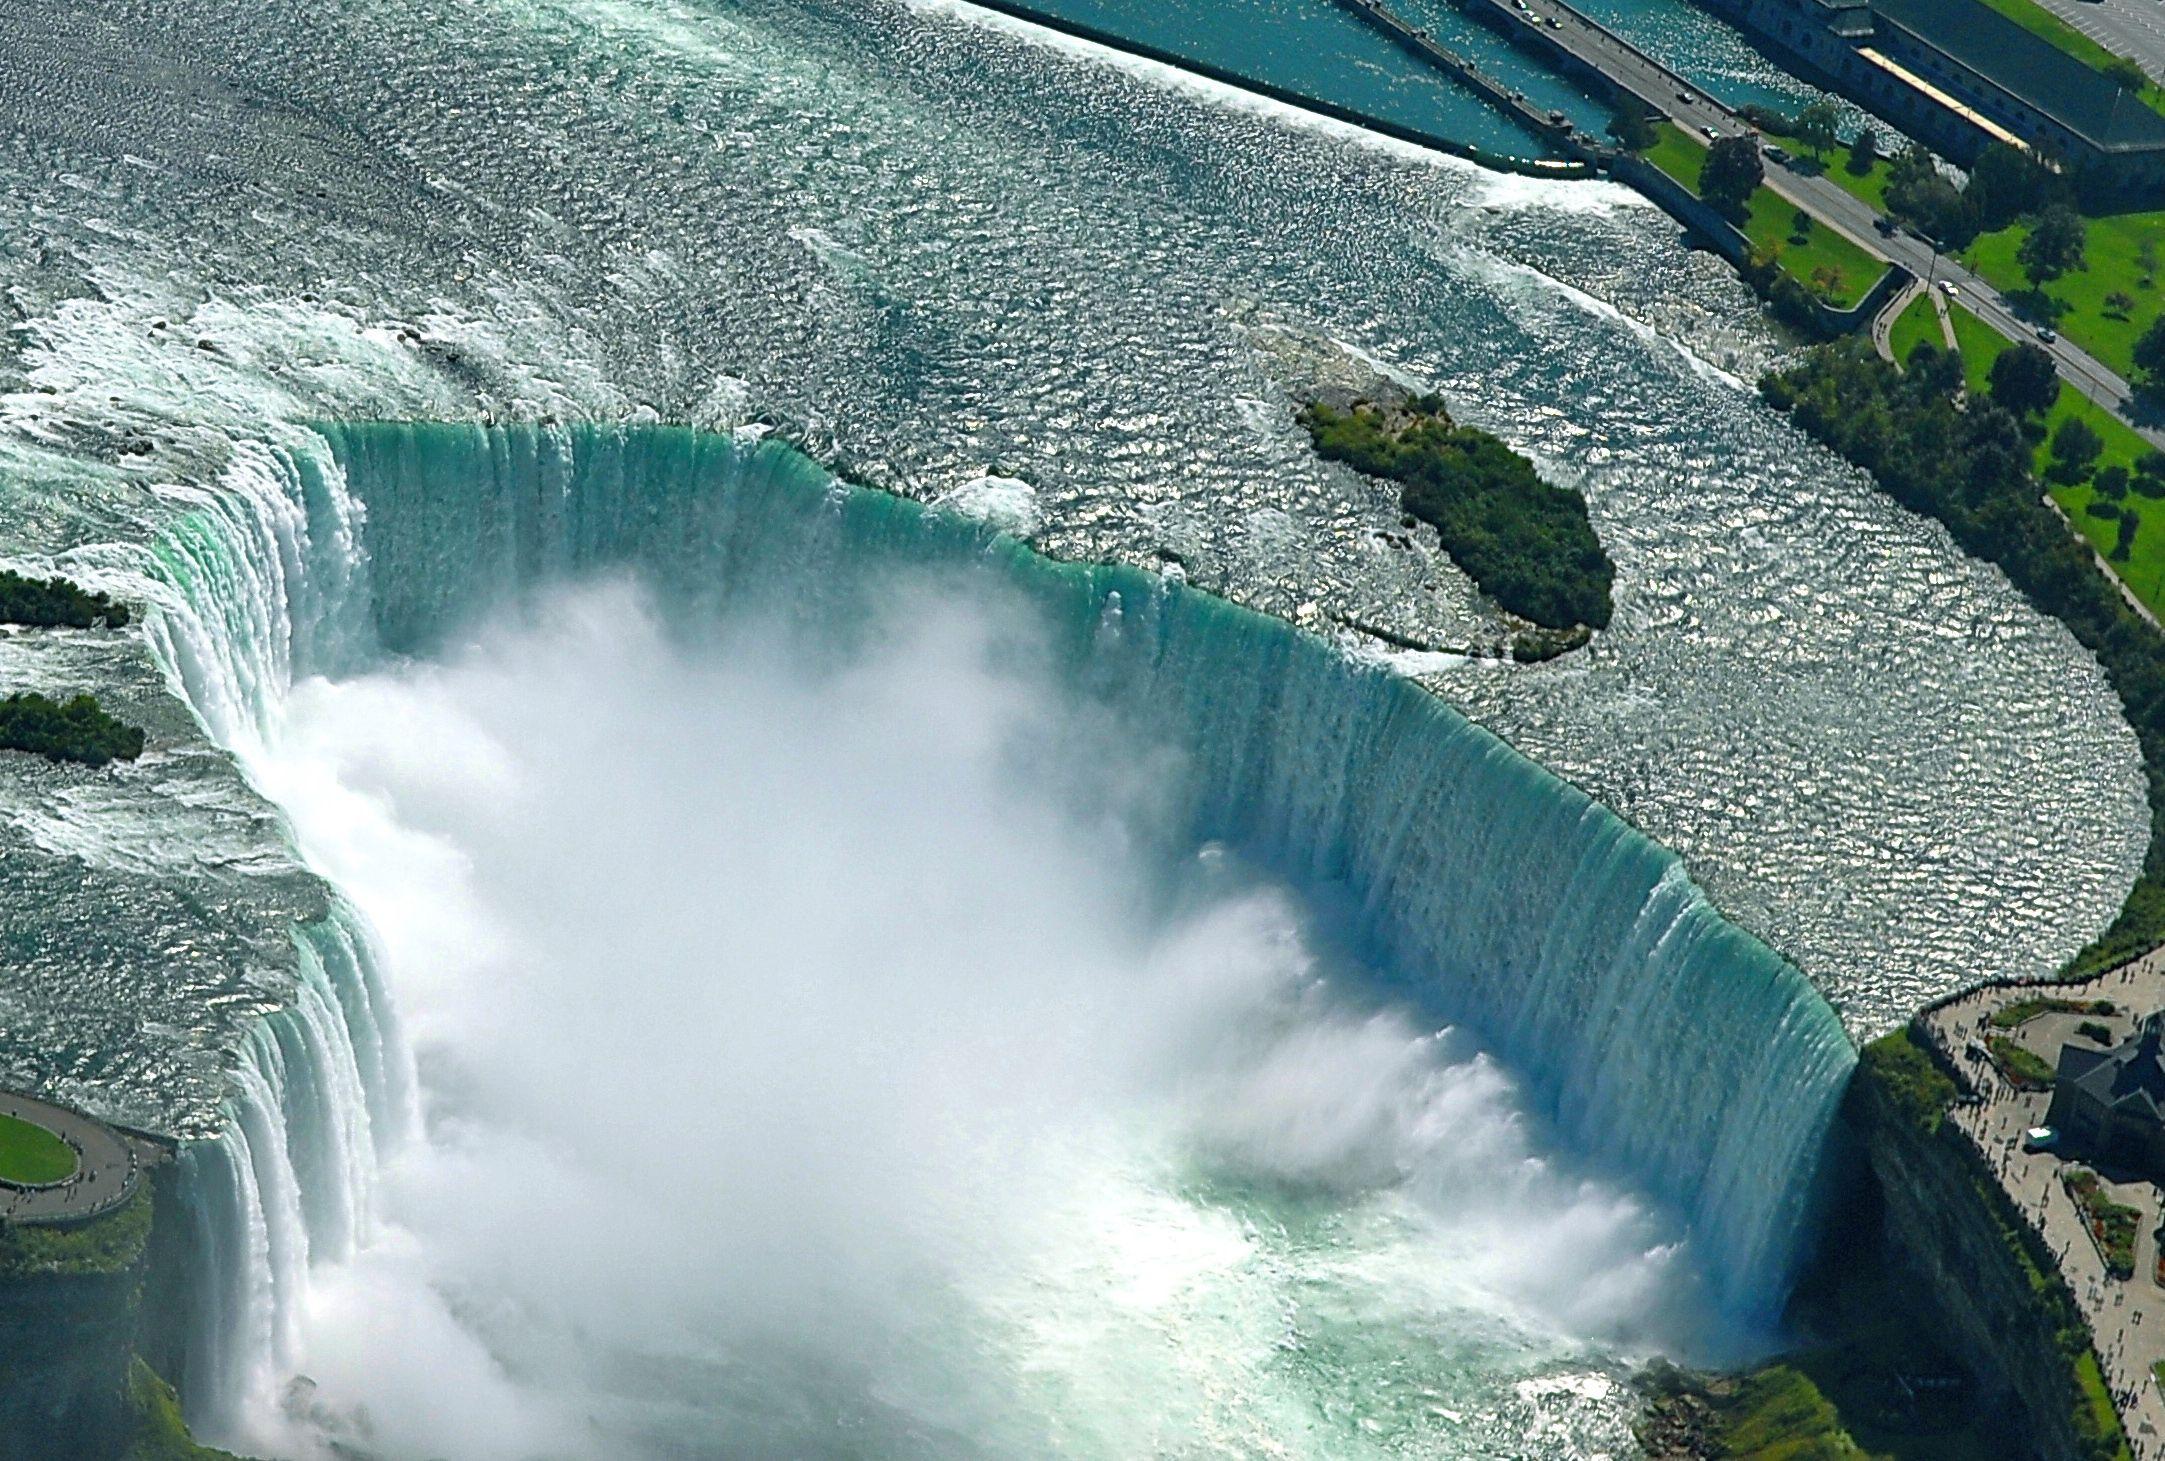 вашему ниагарский водопад из под воды фото месте происшествия при